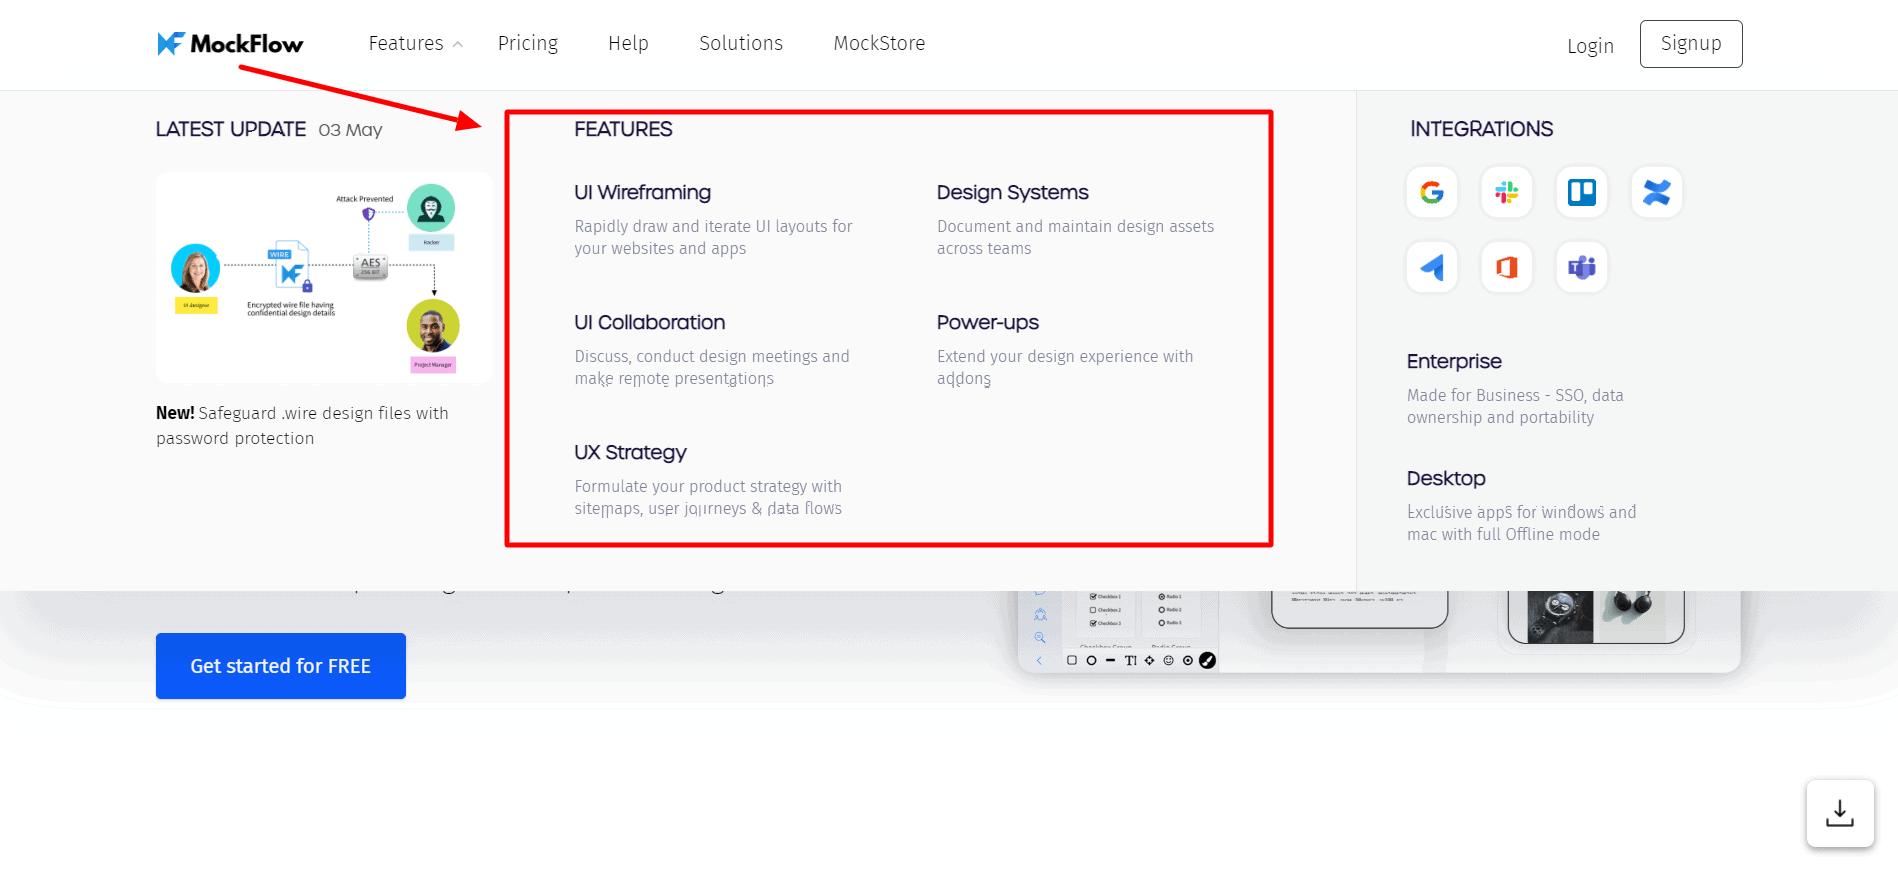 MockFlow - Features